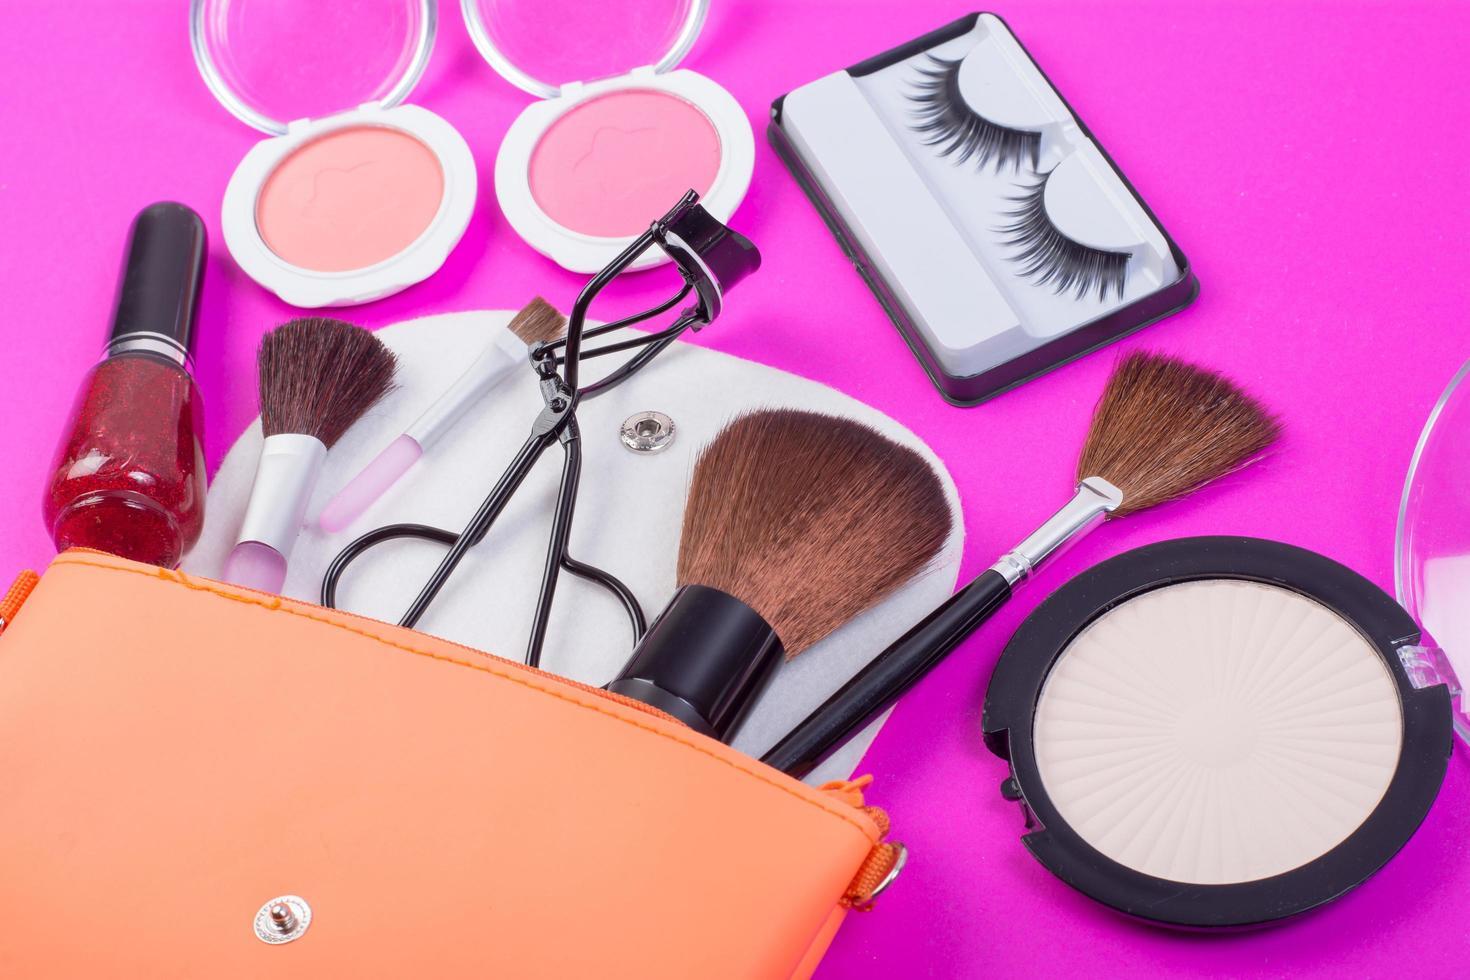 tkosmetiska skönhetsprodukter på rosa bakgrund foto